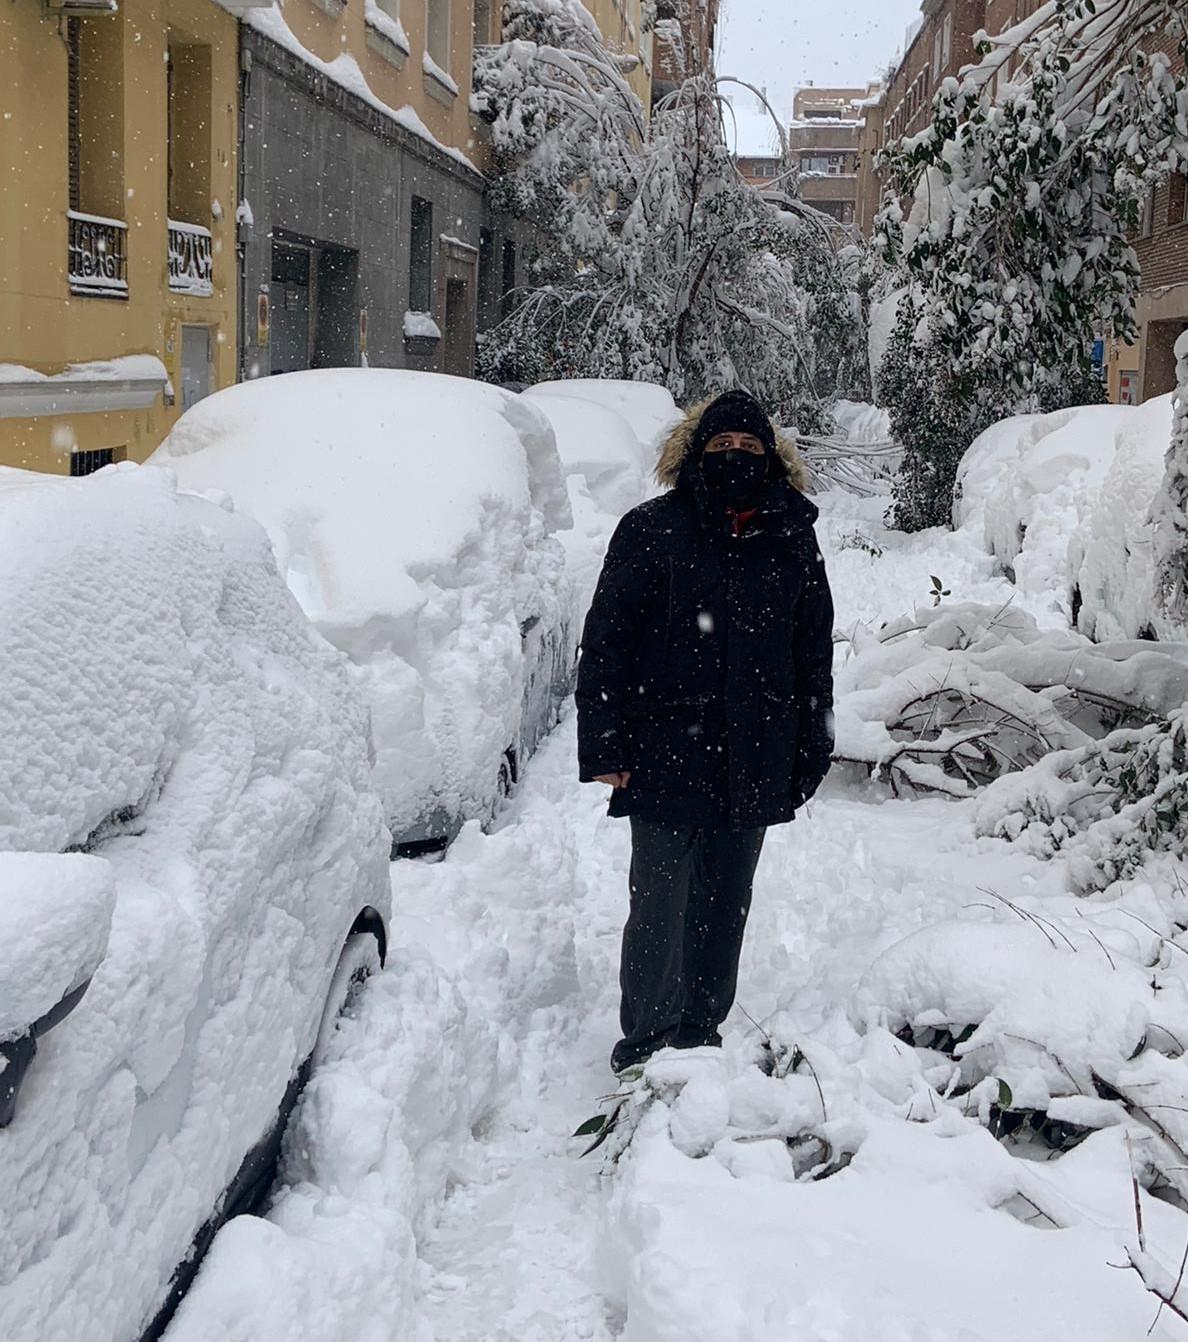 Menuda nevada en Madrid - Juan Solo - Cadena COPE - La Tarde - Star Wars - El hombre que sabía demasiado poco